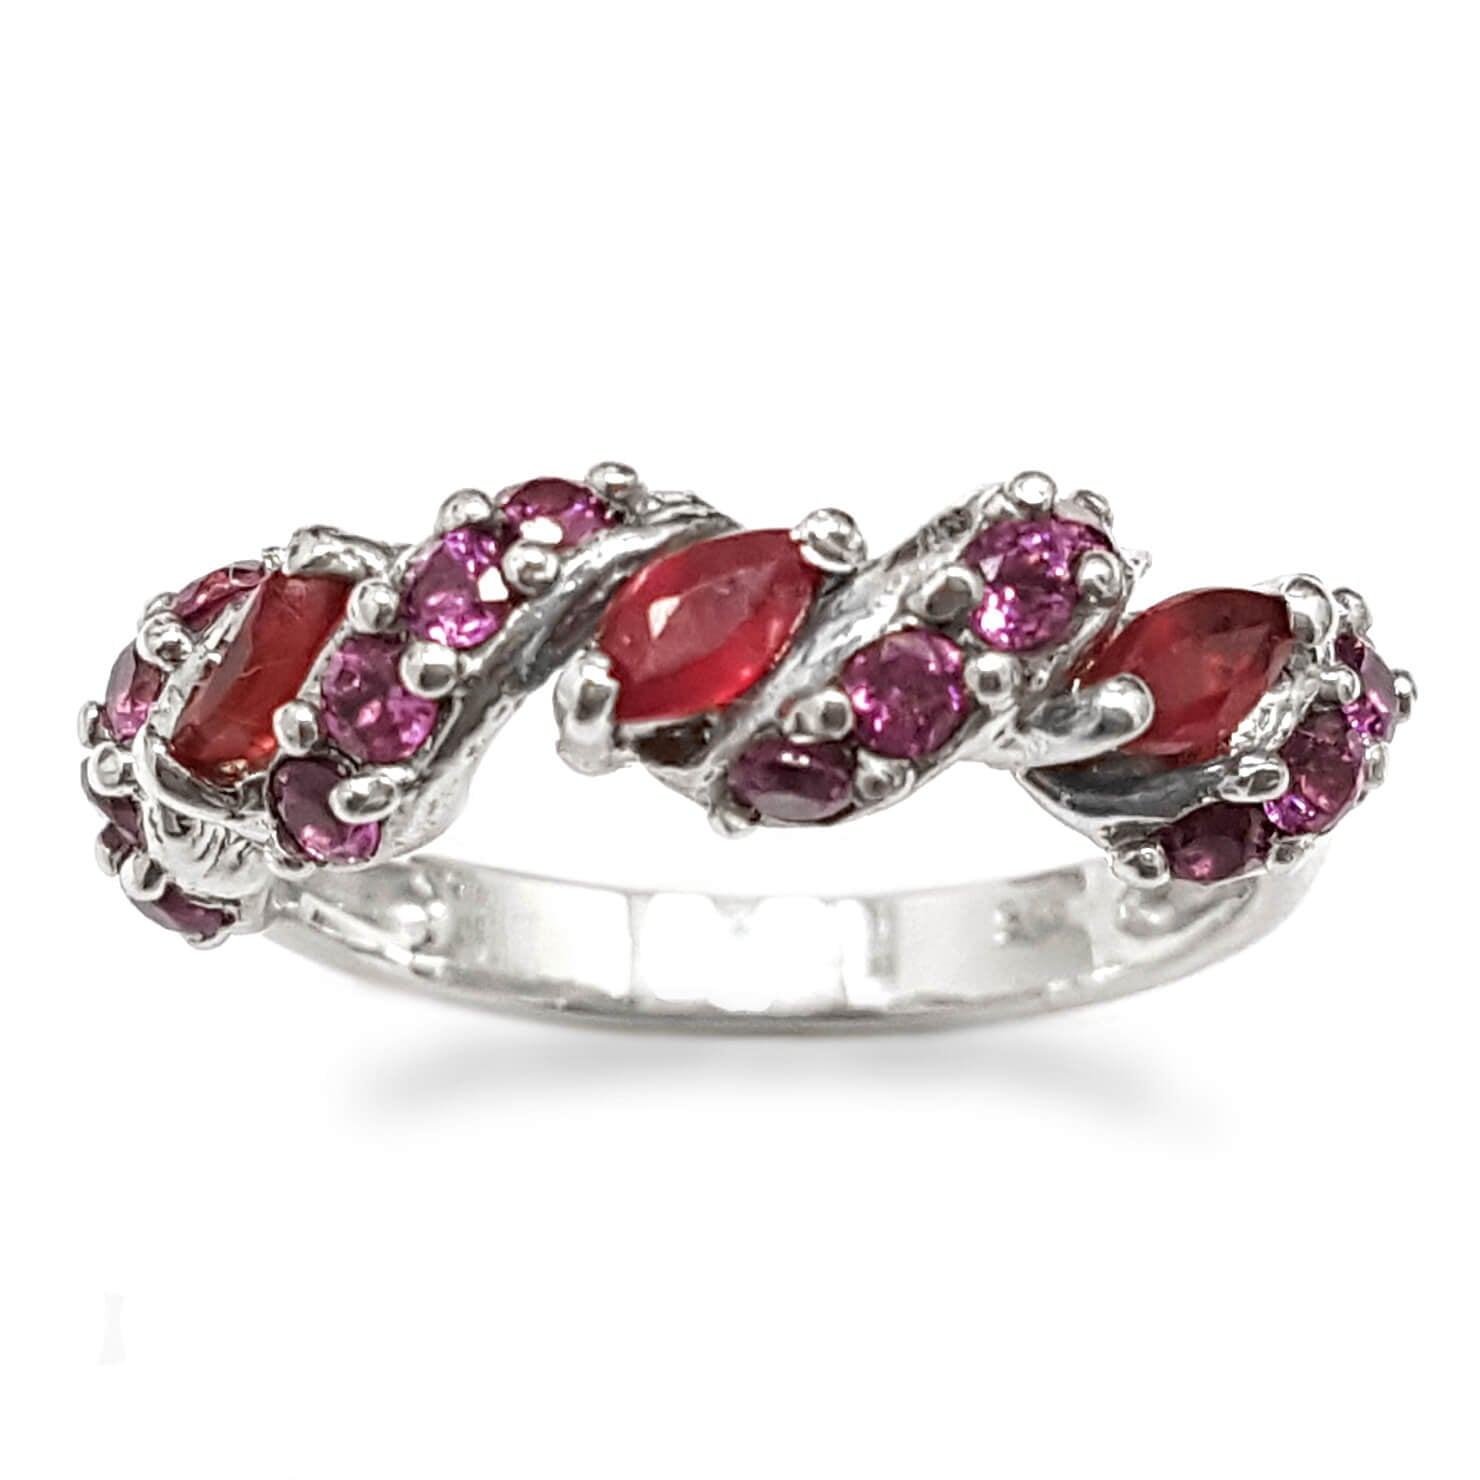 טבעת כסף משובצת אבן רובי אדומה ואבני גרנט קטנות  RG5916 | תכשיטי כסף 925 | טבעות כסף